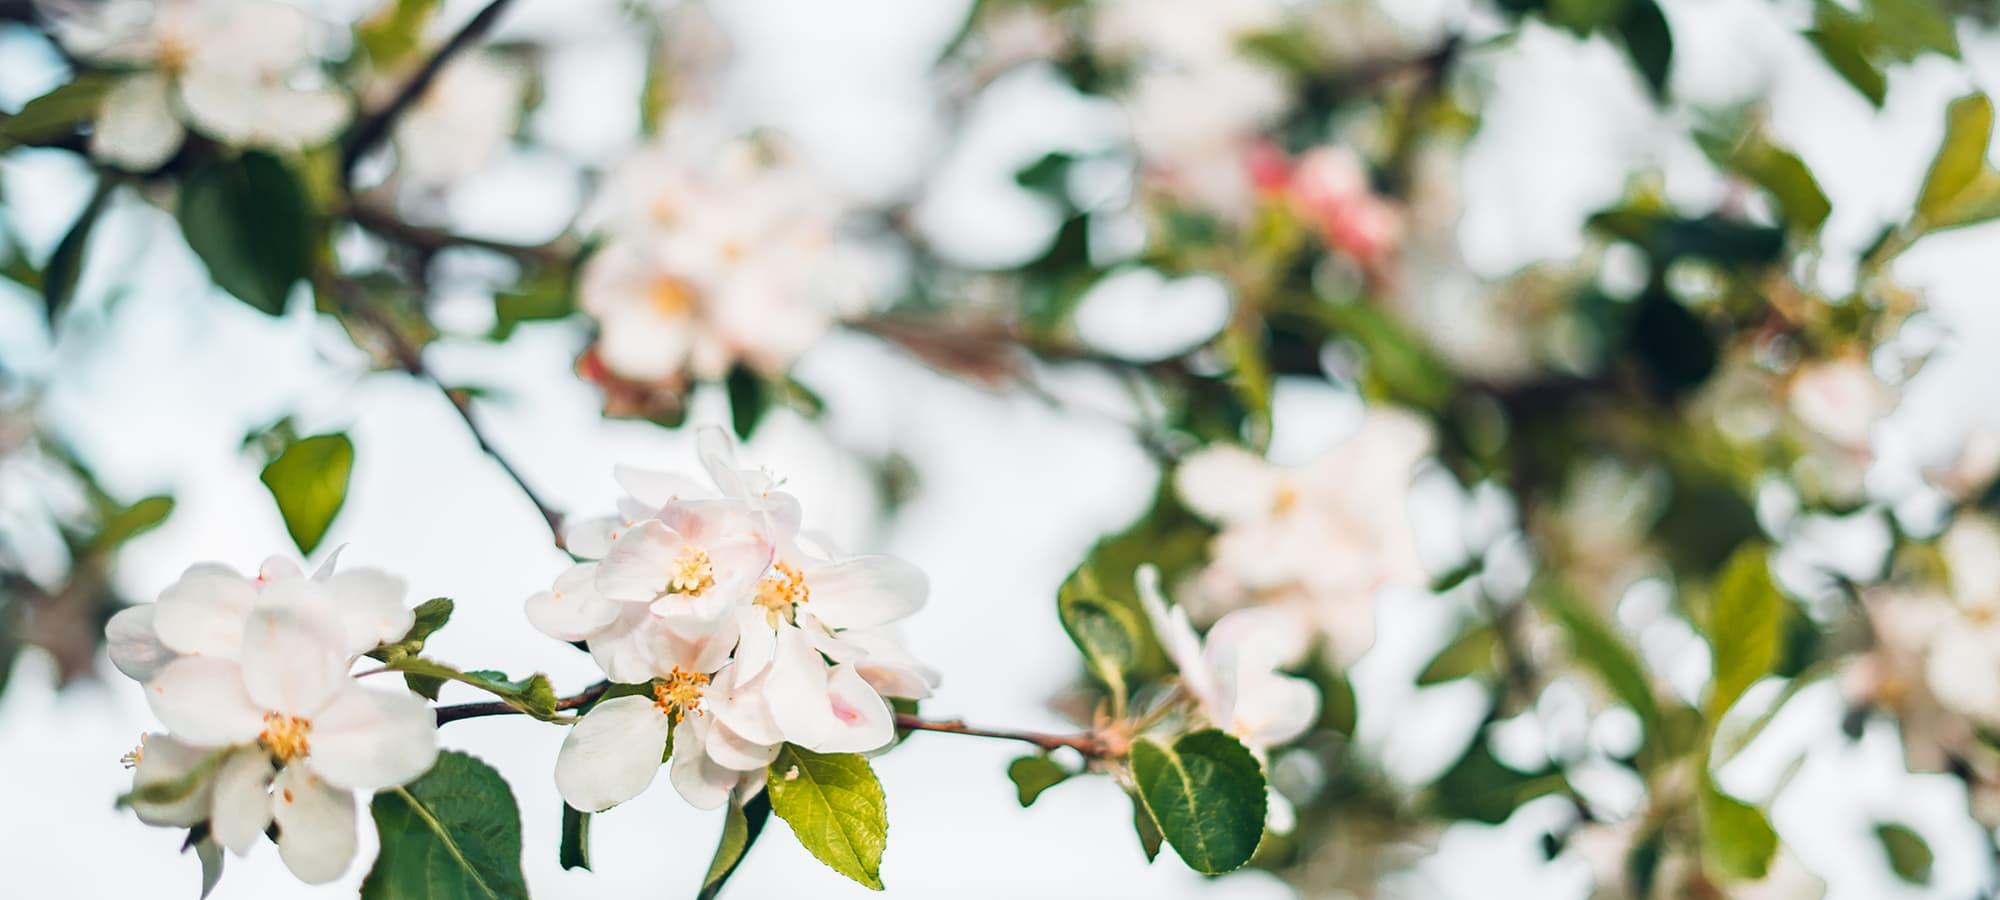 saint-mamet-fleurs-roses-arbre-fruitier-floraison-2